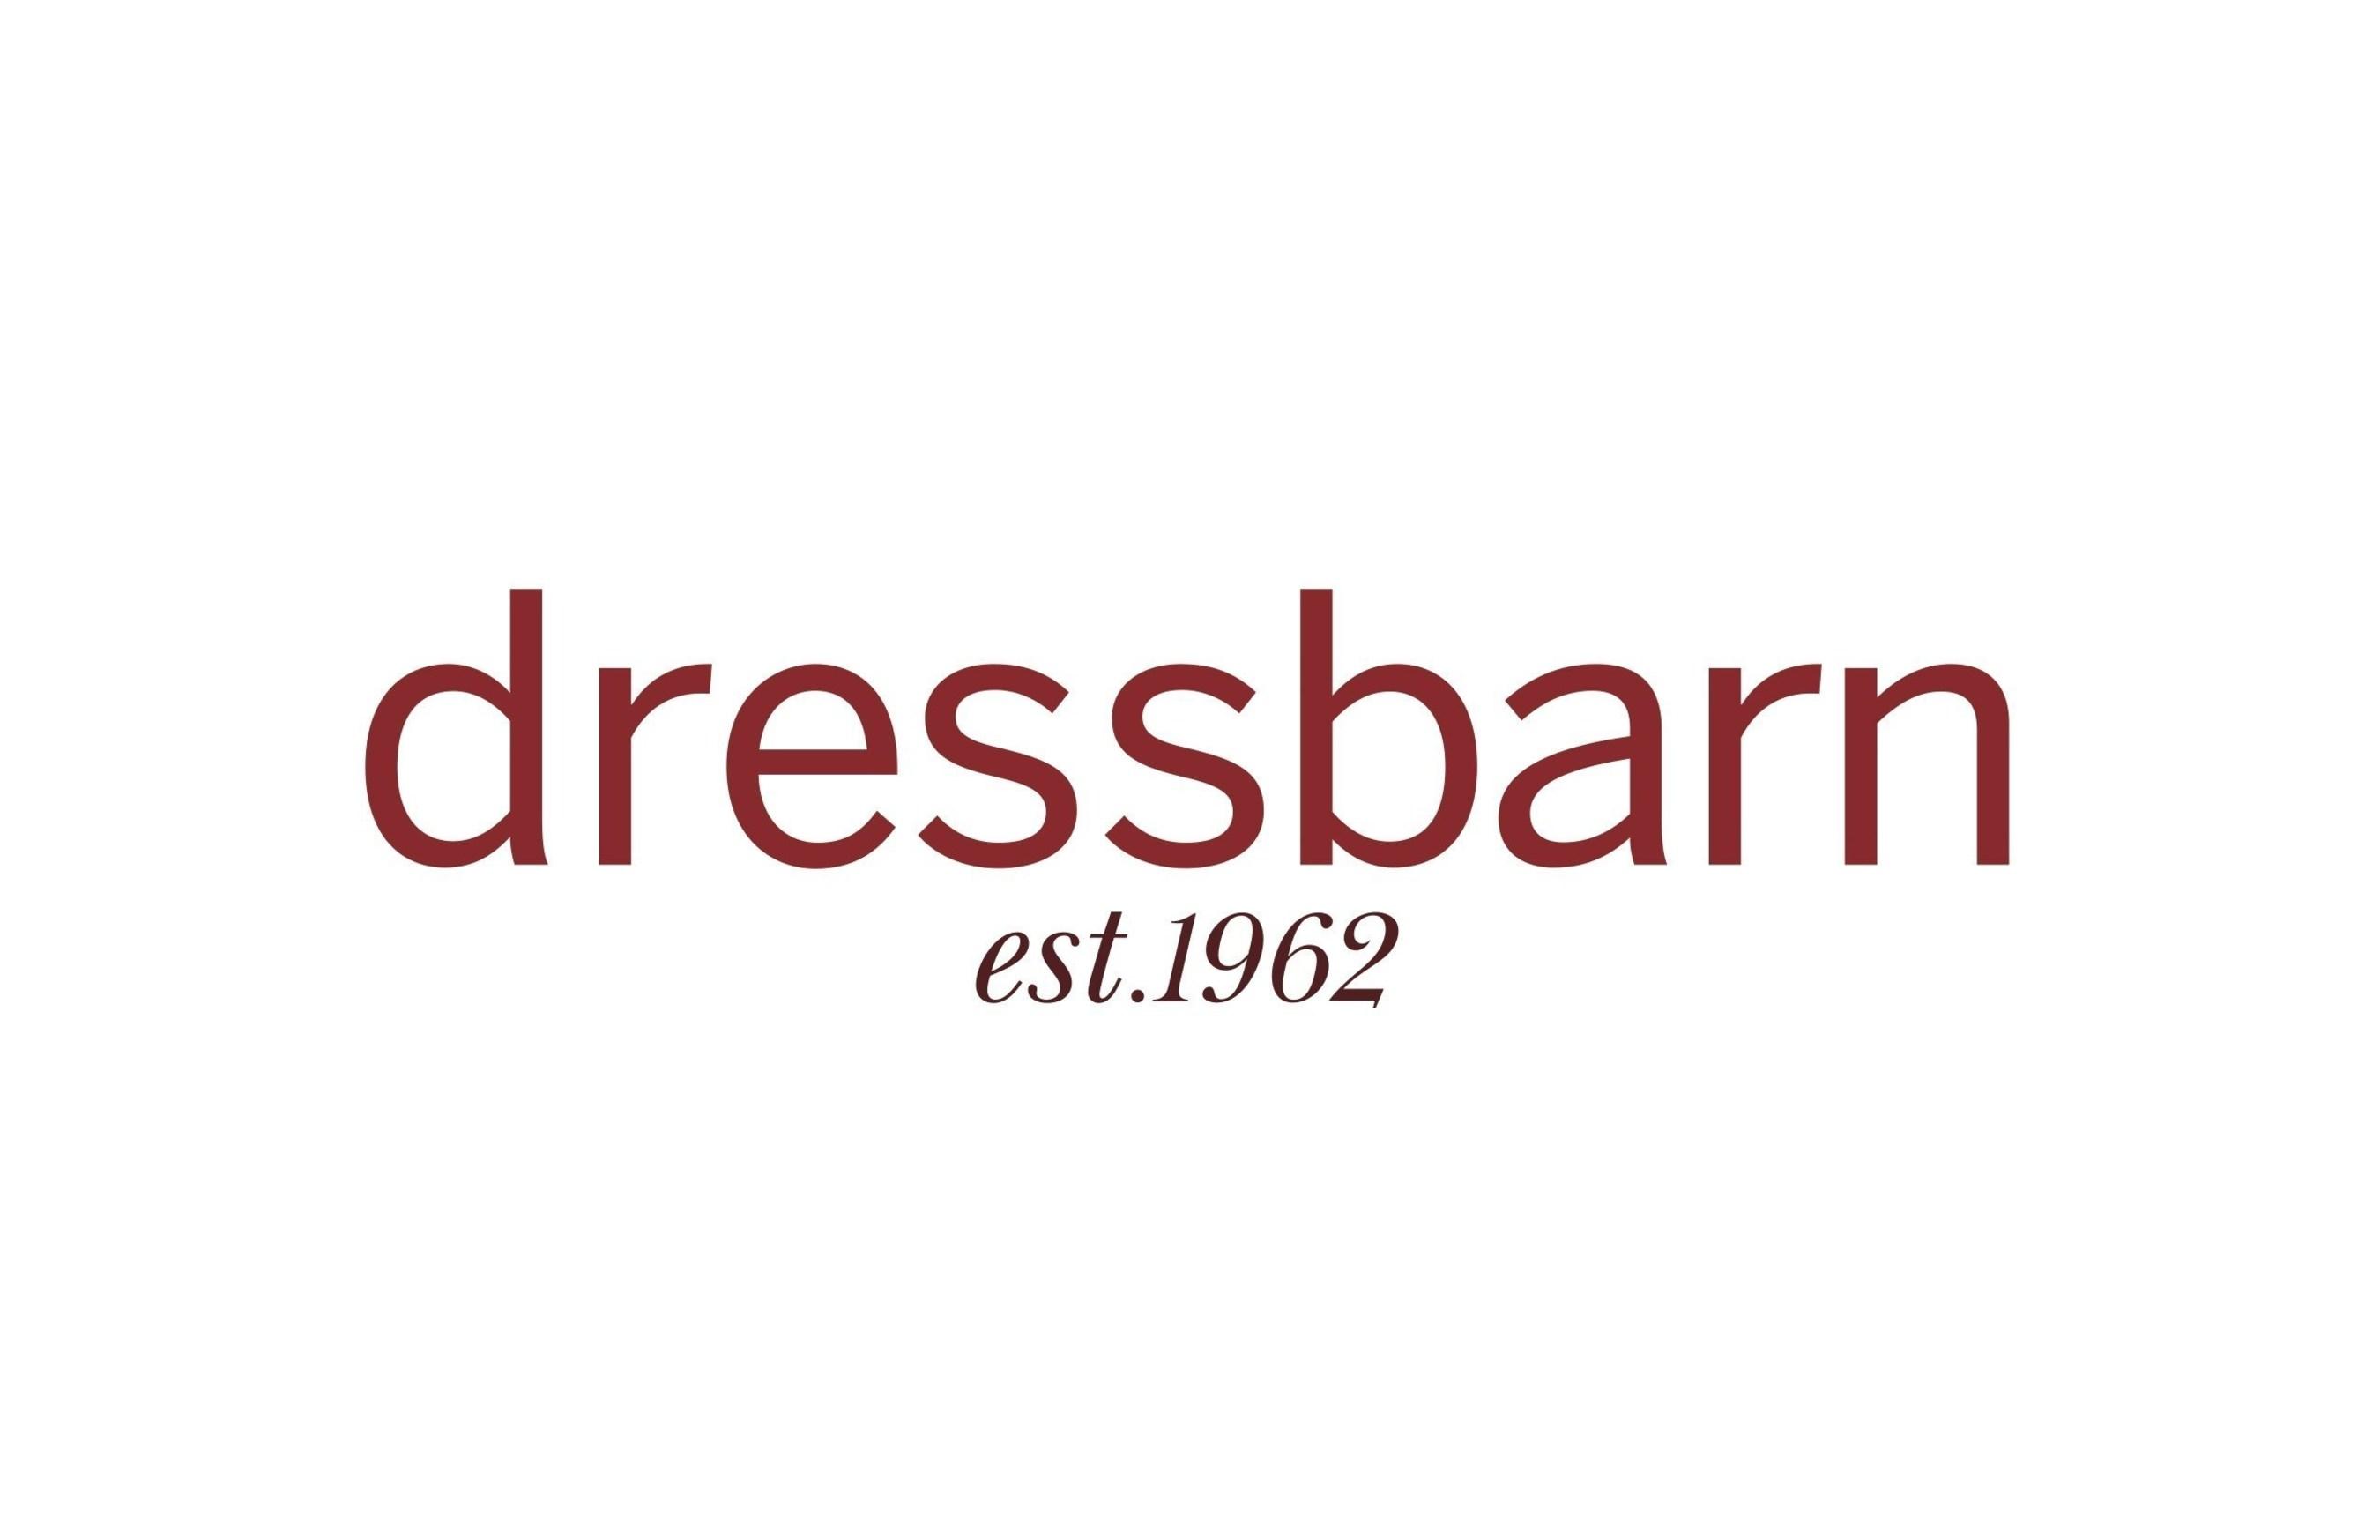 dress barn logo